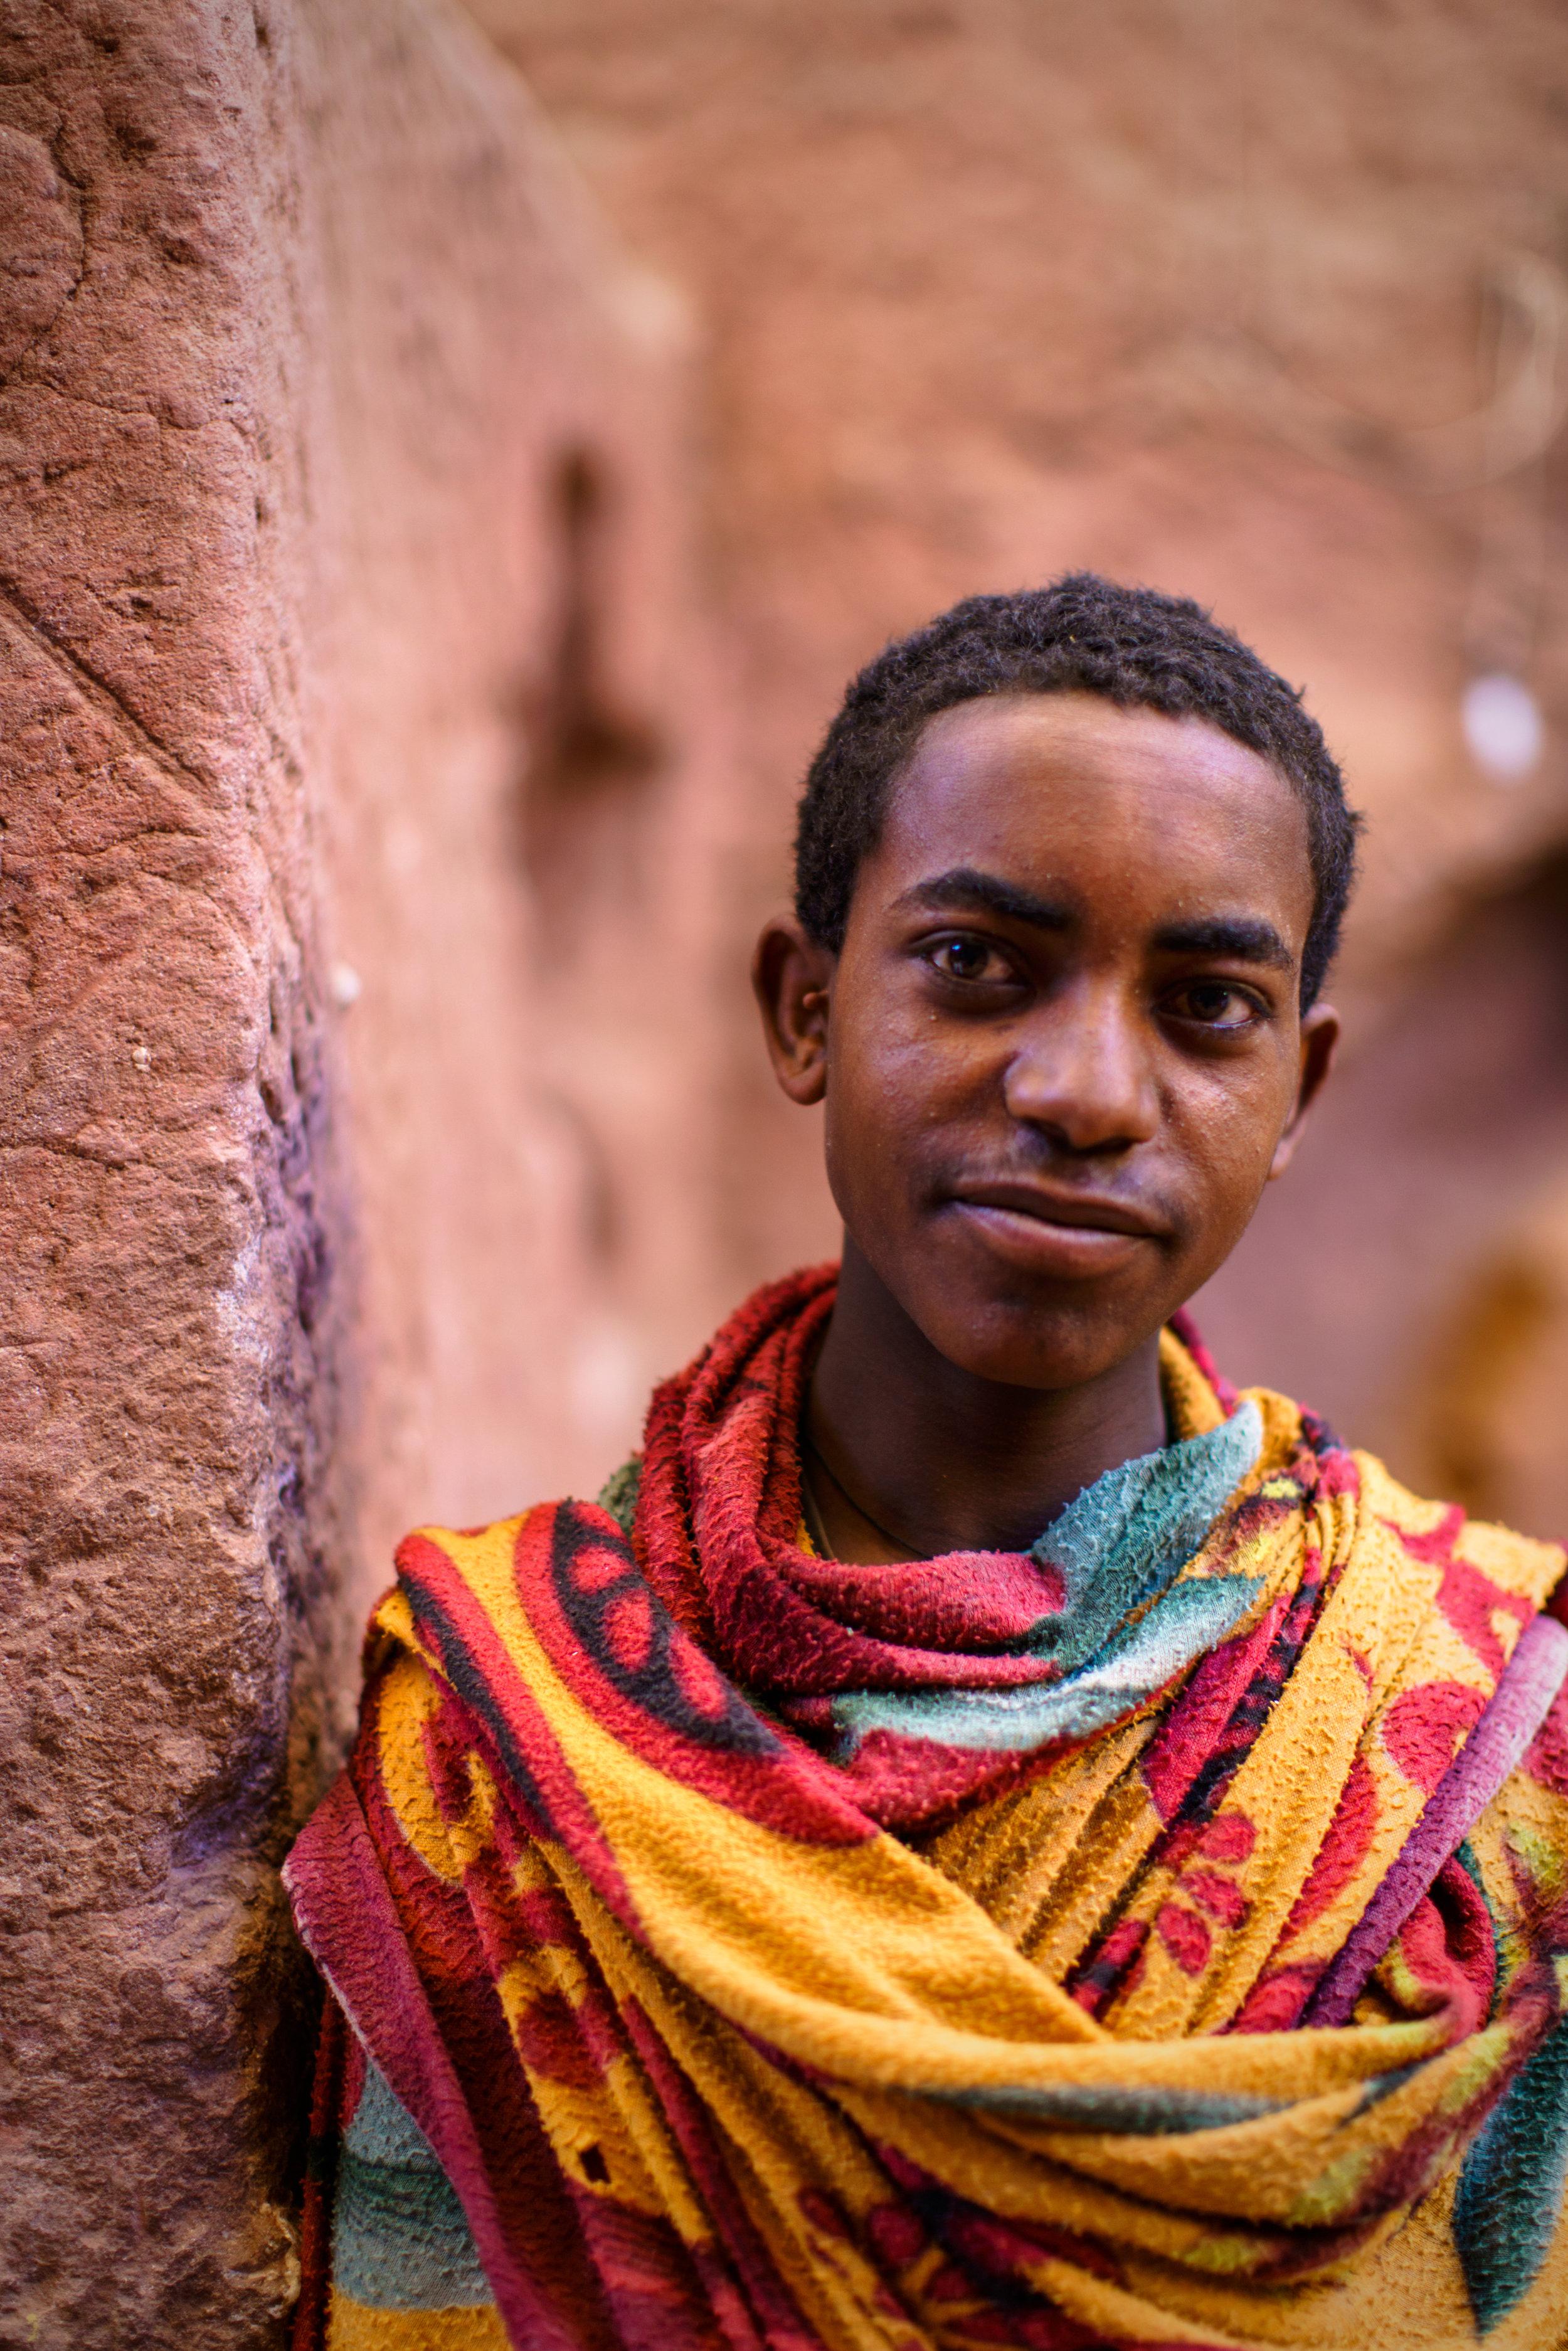 Pilgrims Of Ethiopia Part 2